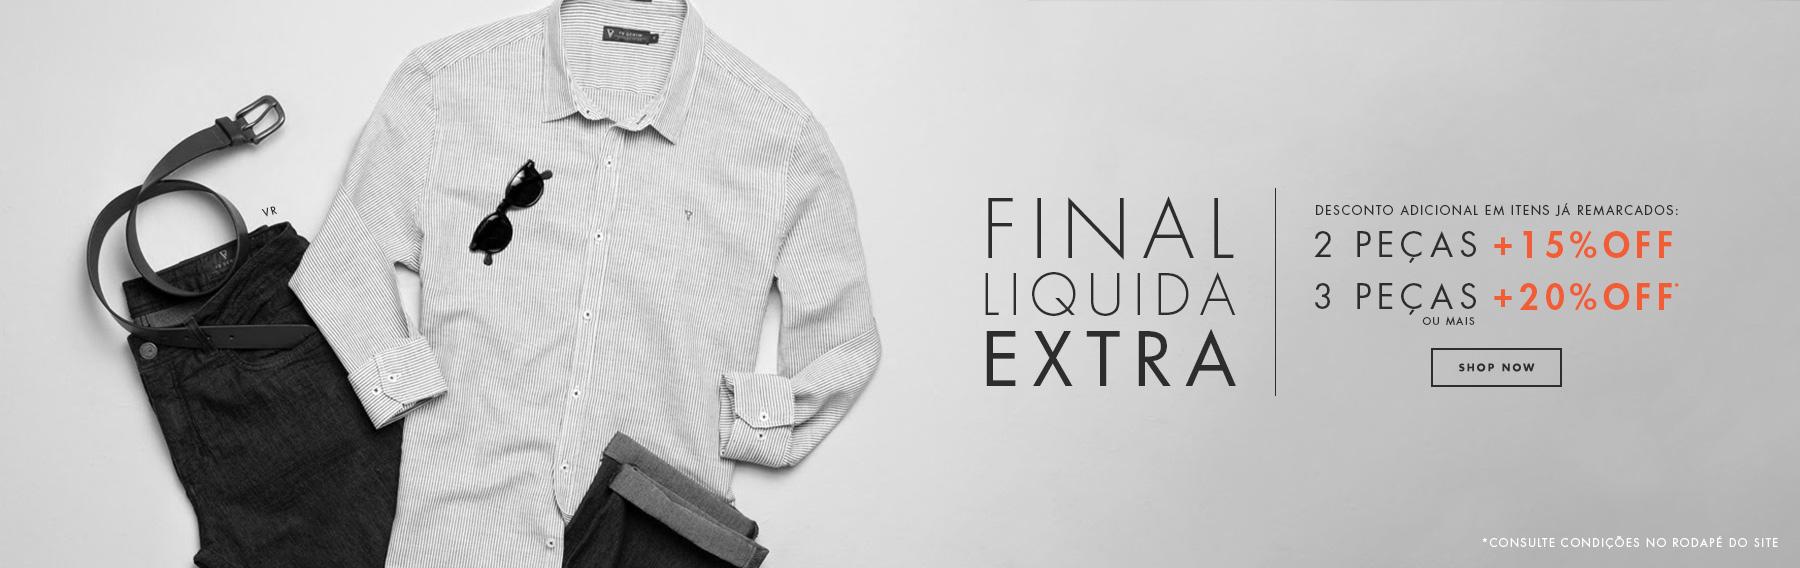 Mega Banner Final Liquida